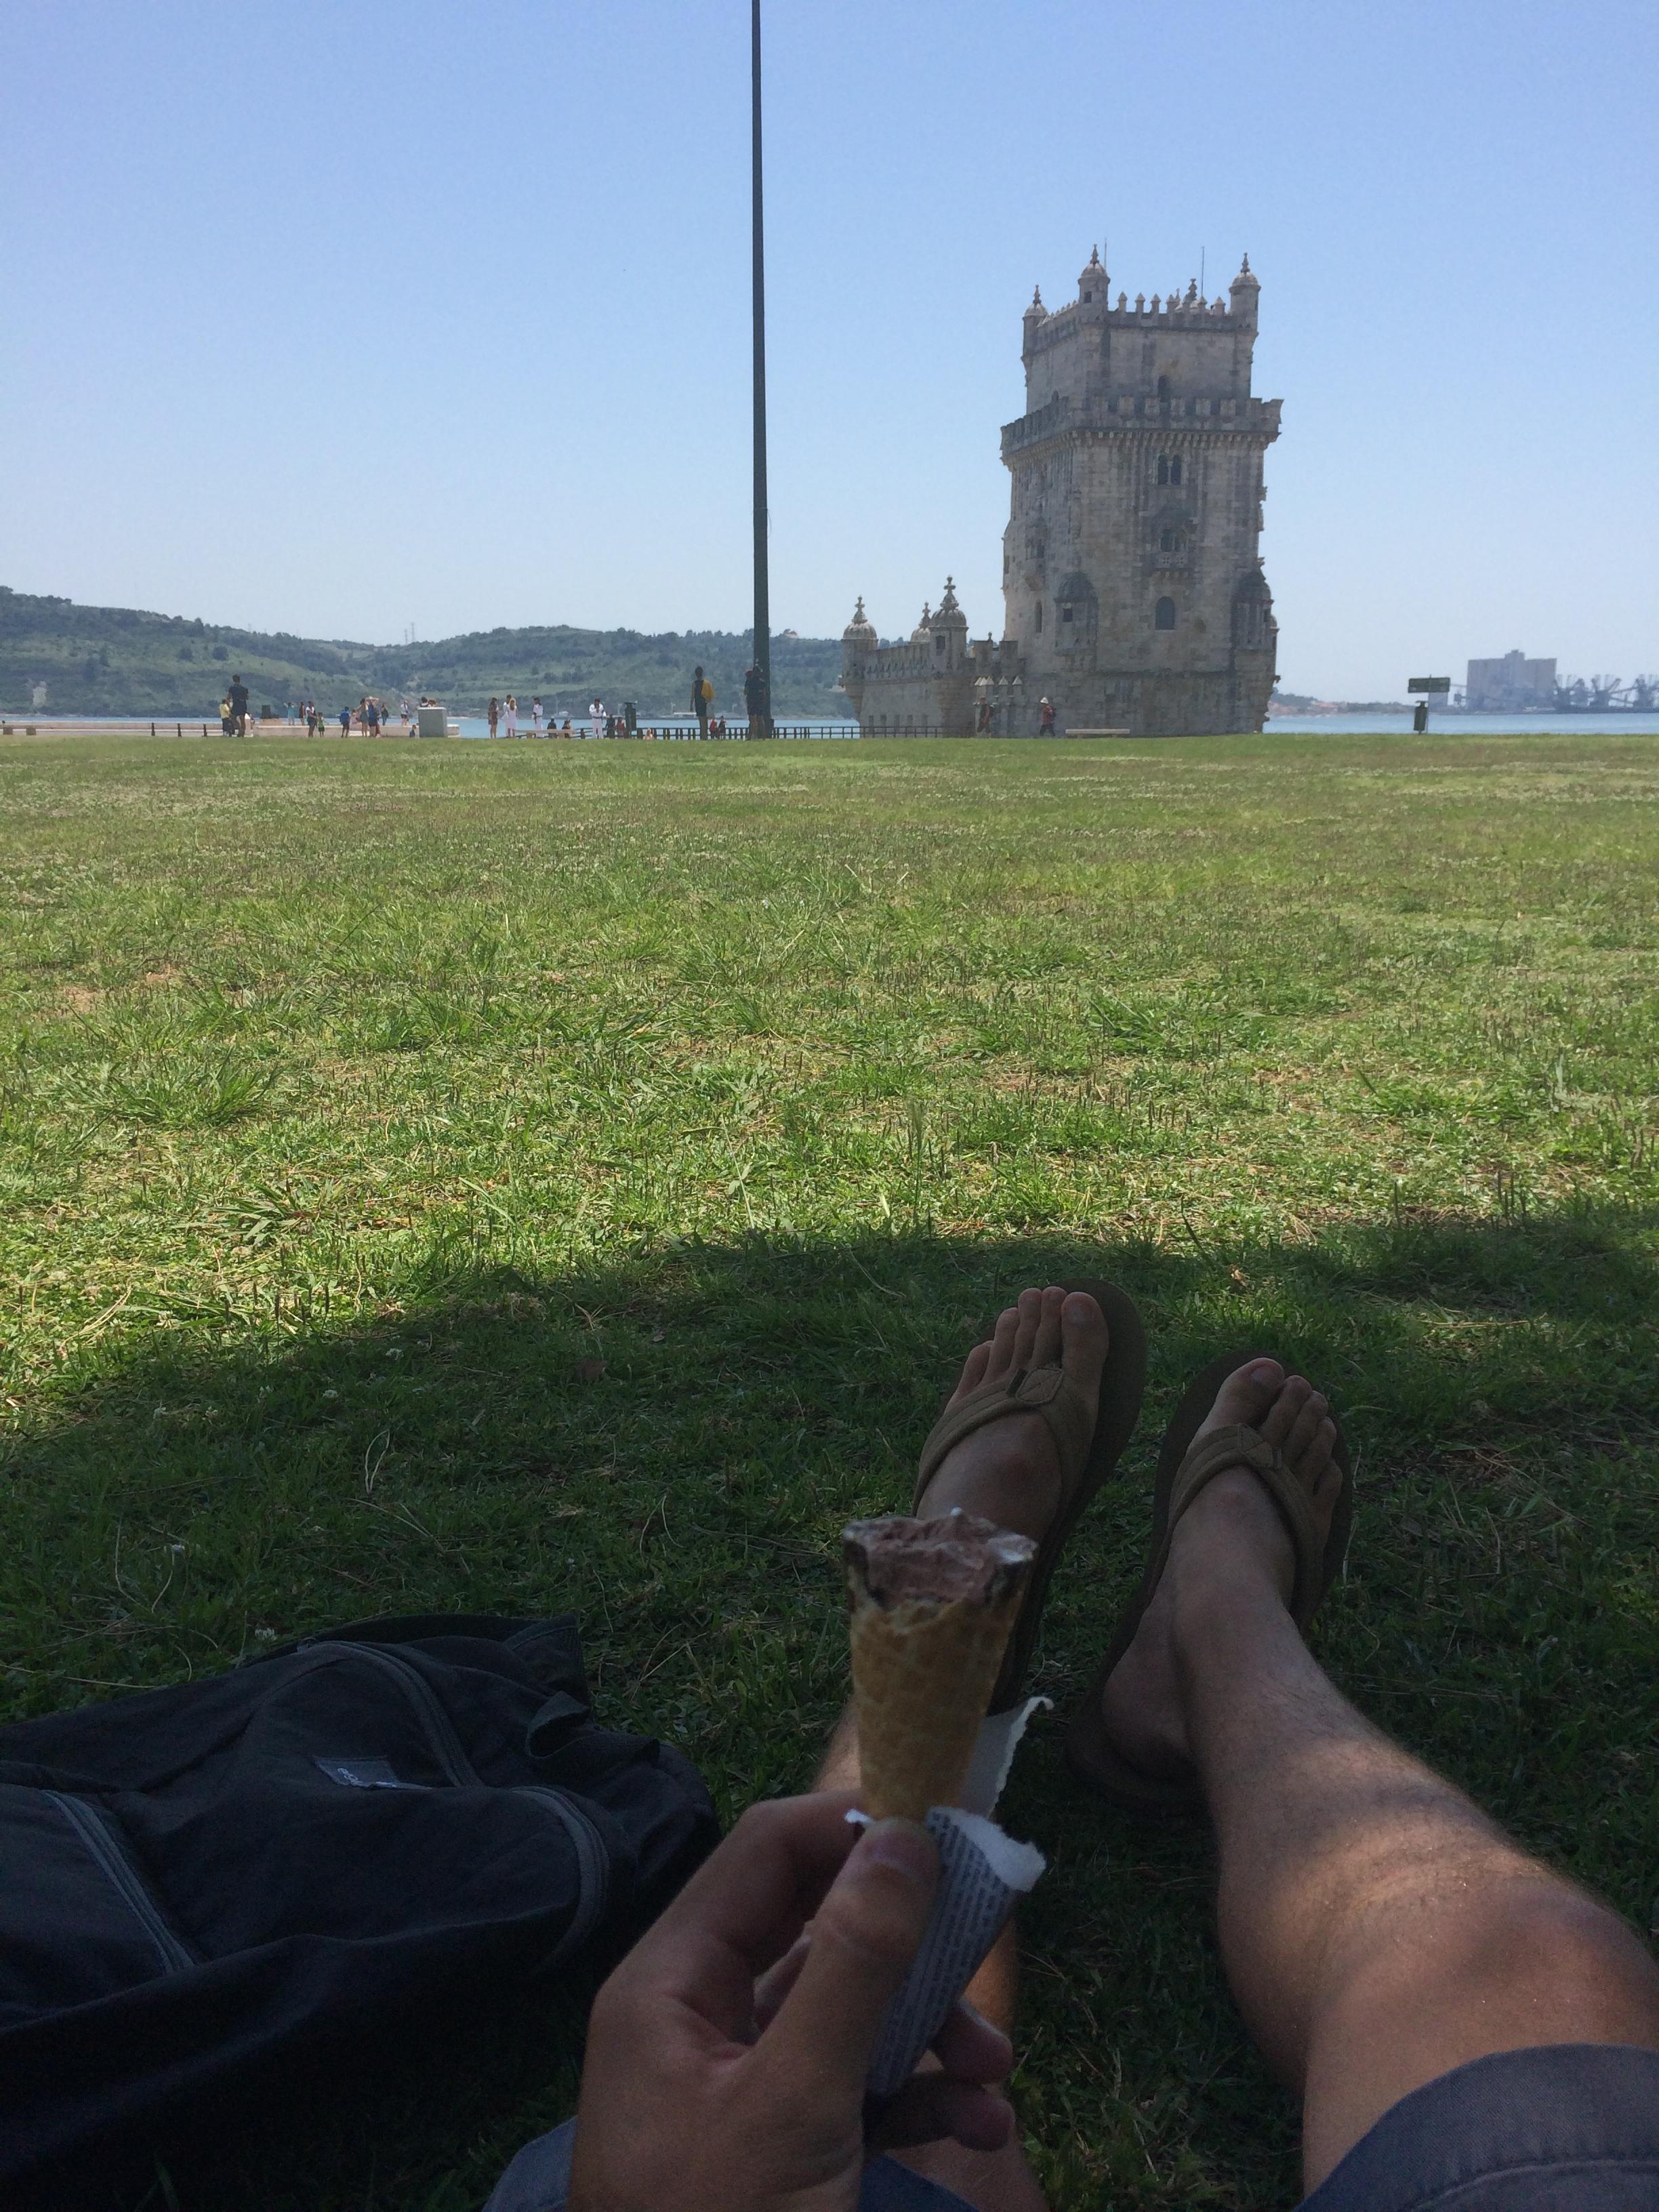 Ice cream break in front of the Torre de Belém.